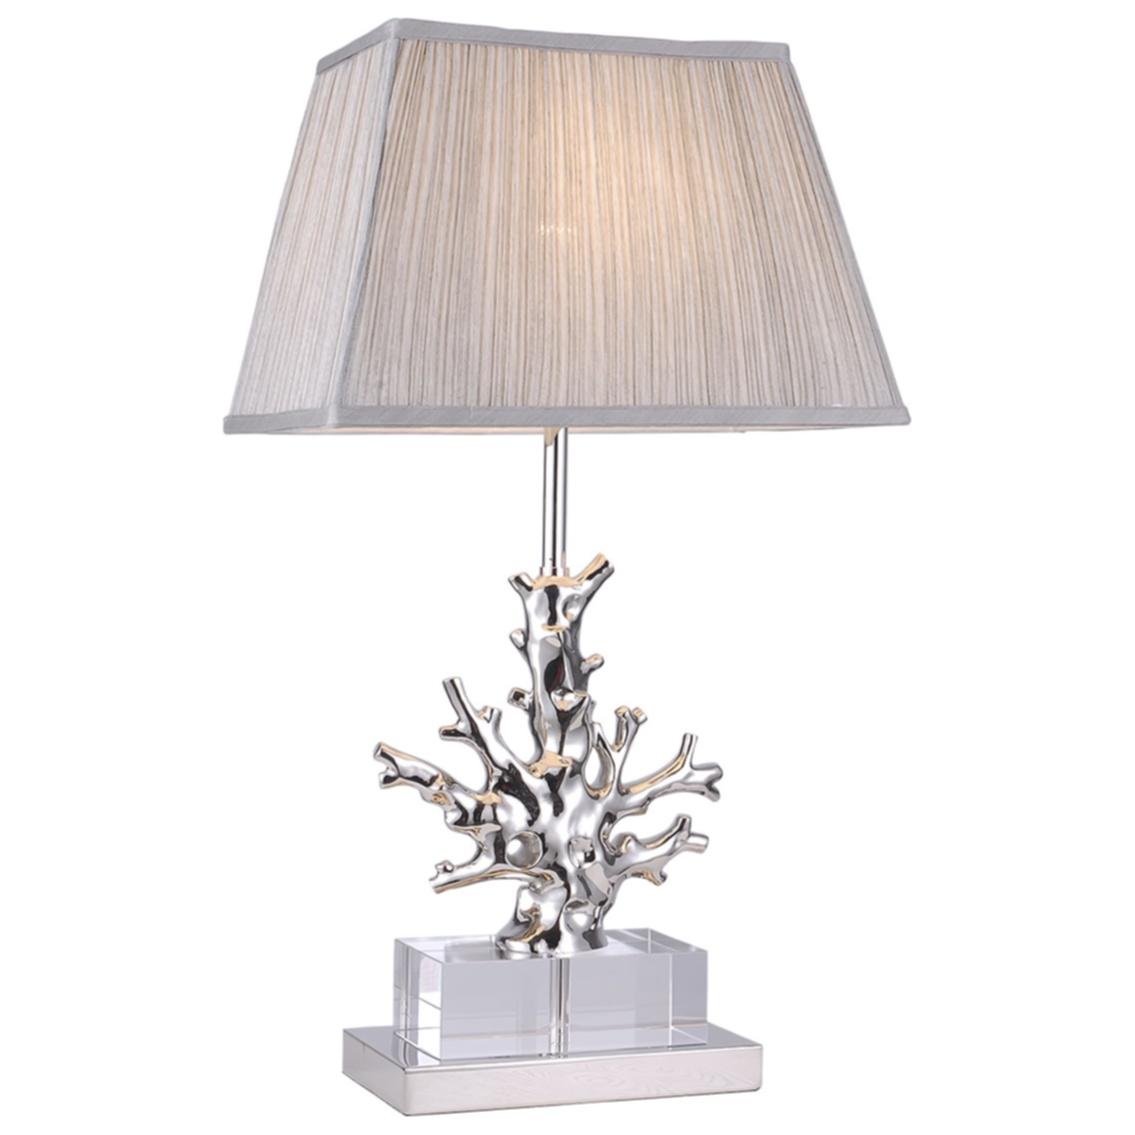 Купить Лампа настольная Lashandra в интернет магазине дизайнерской мебели и аксессуаров для дома и дачи